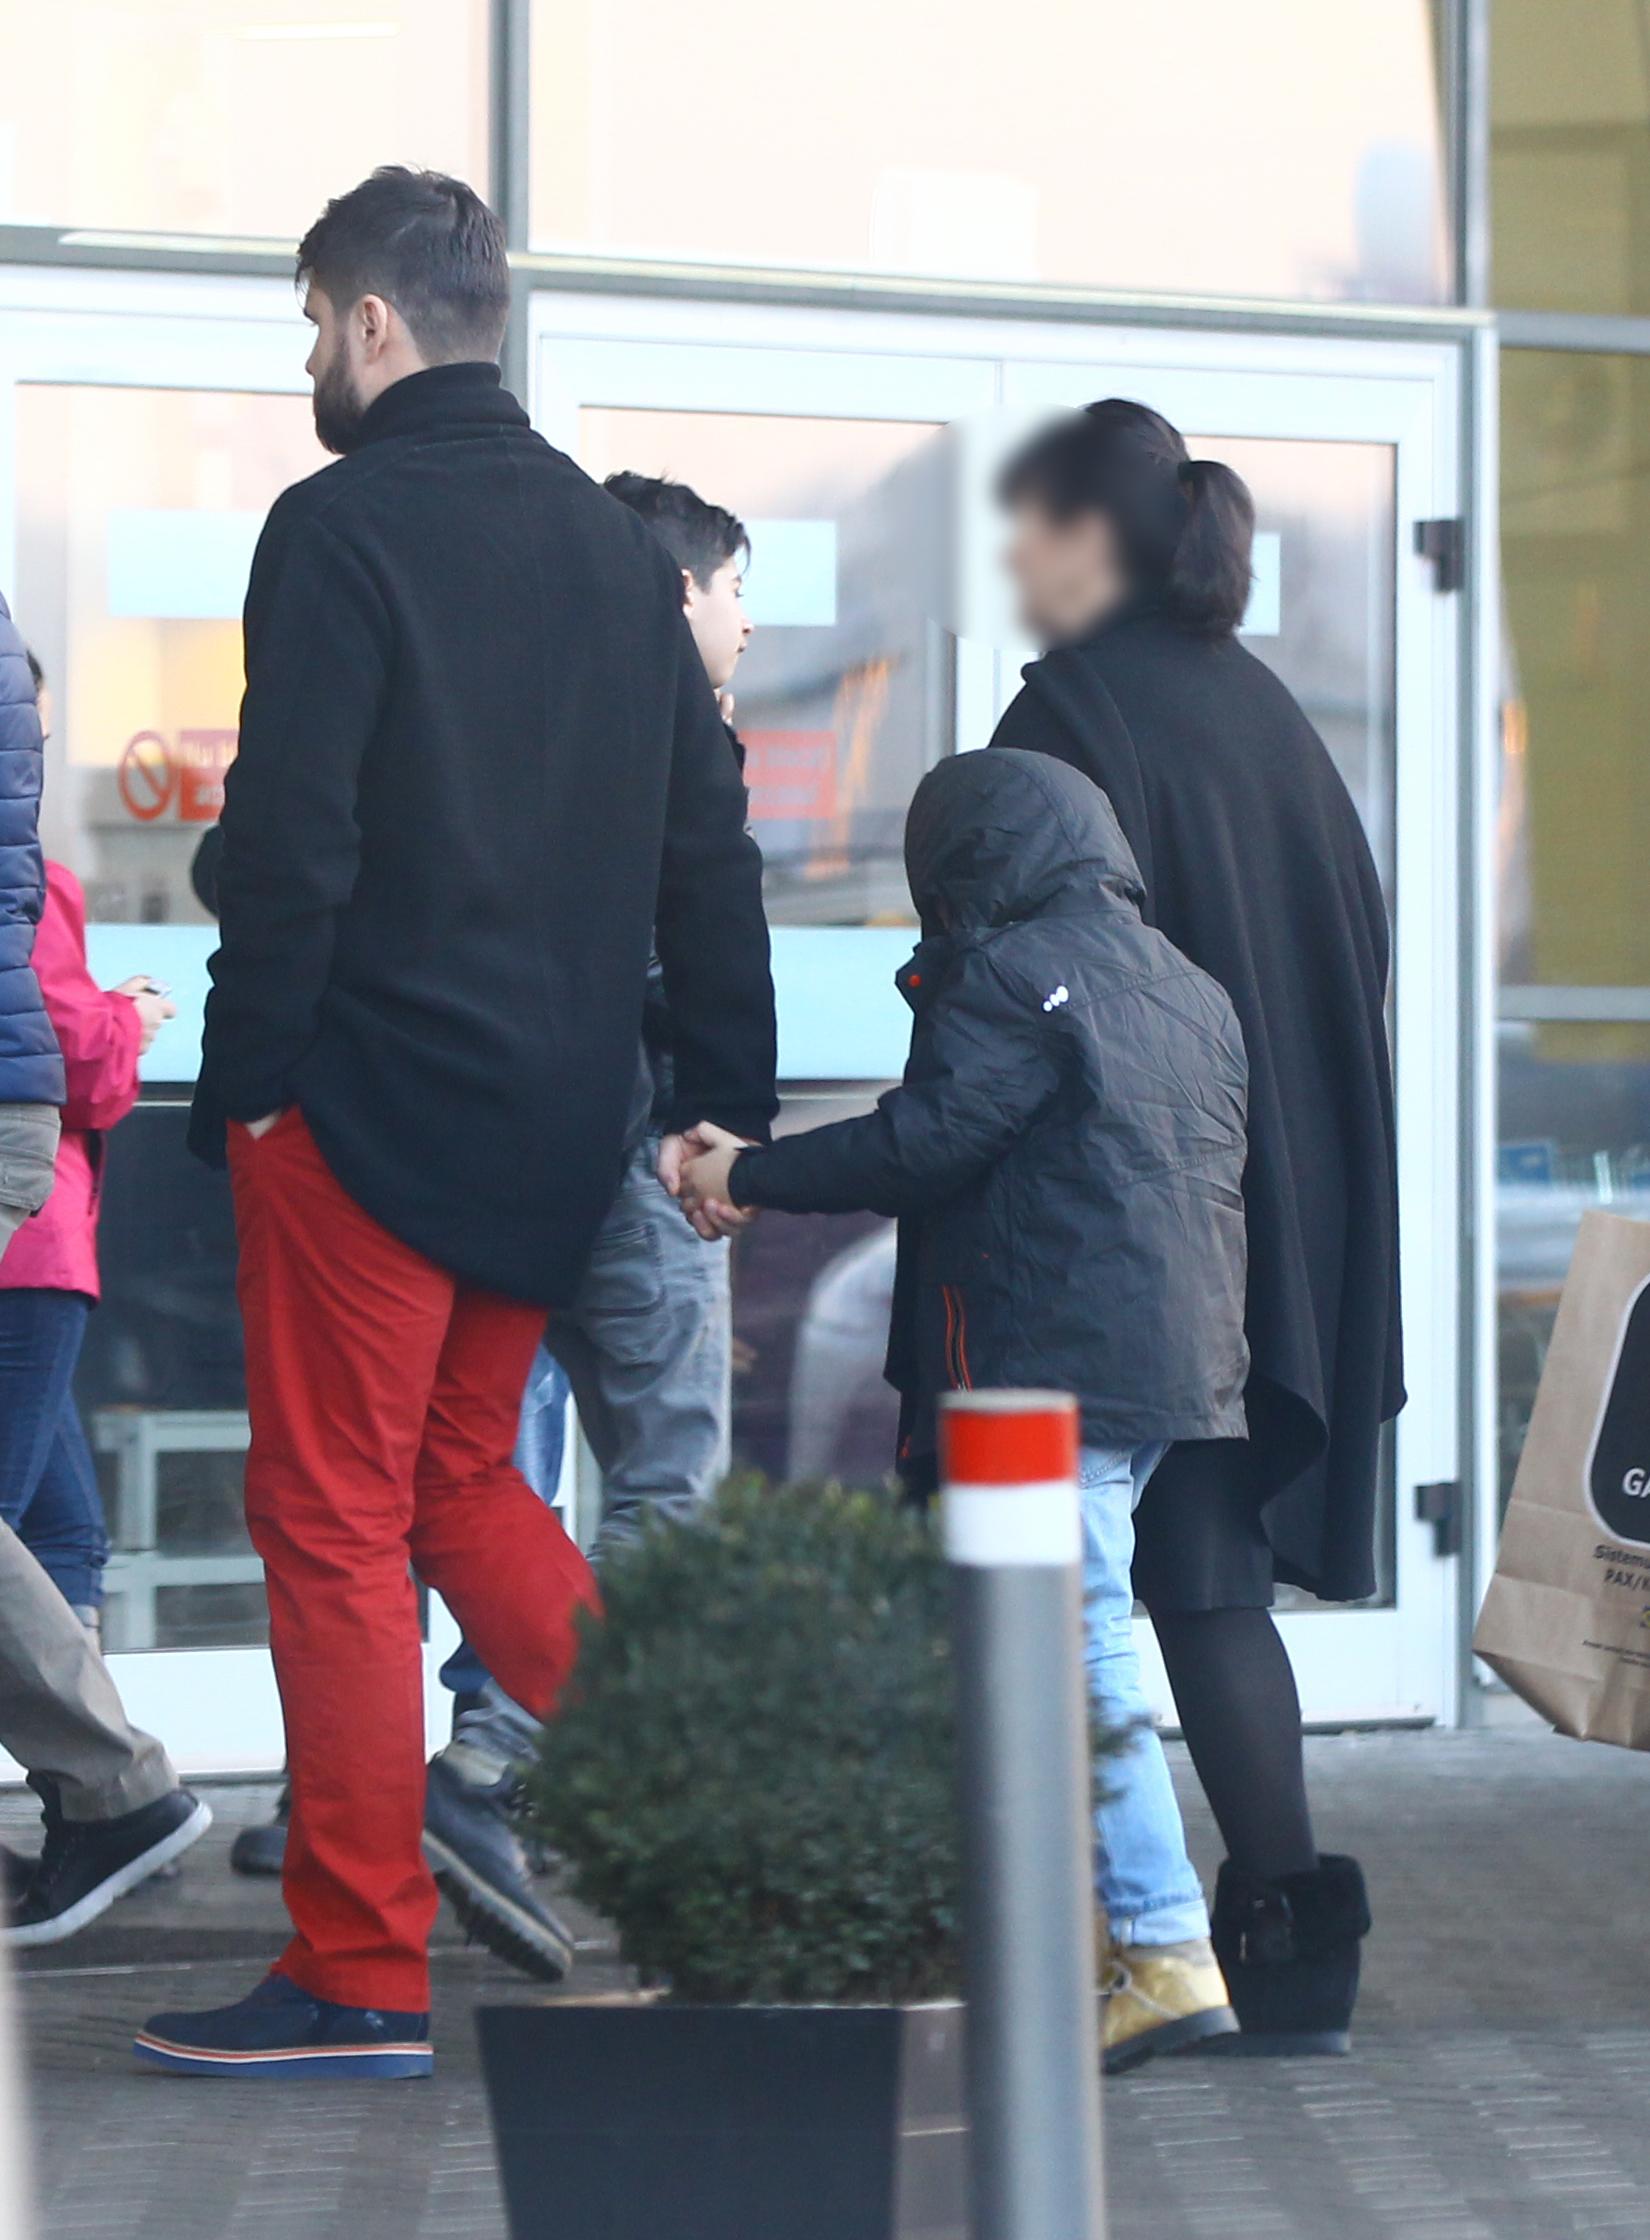 Medicul si-a luat copilul de mana, la intrarea in magazin